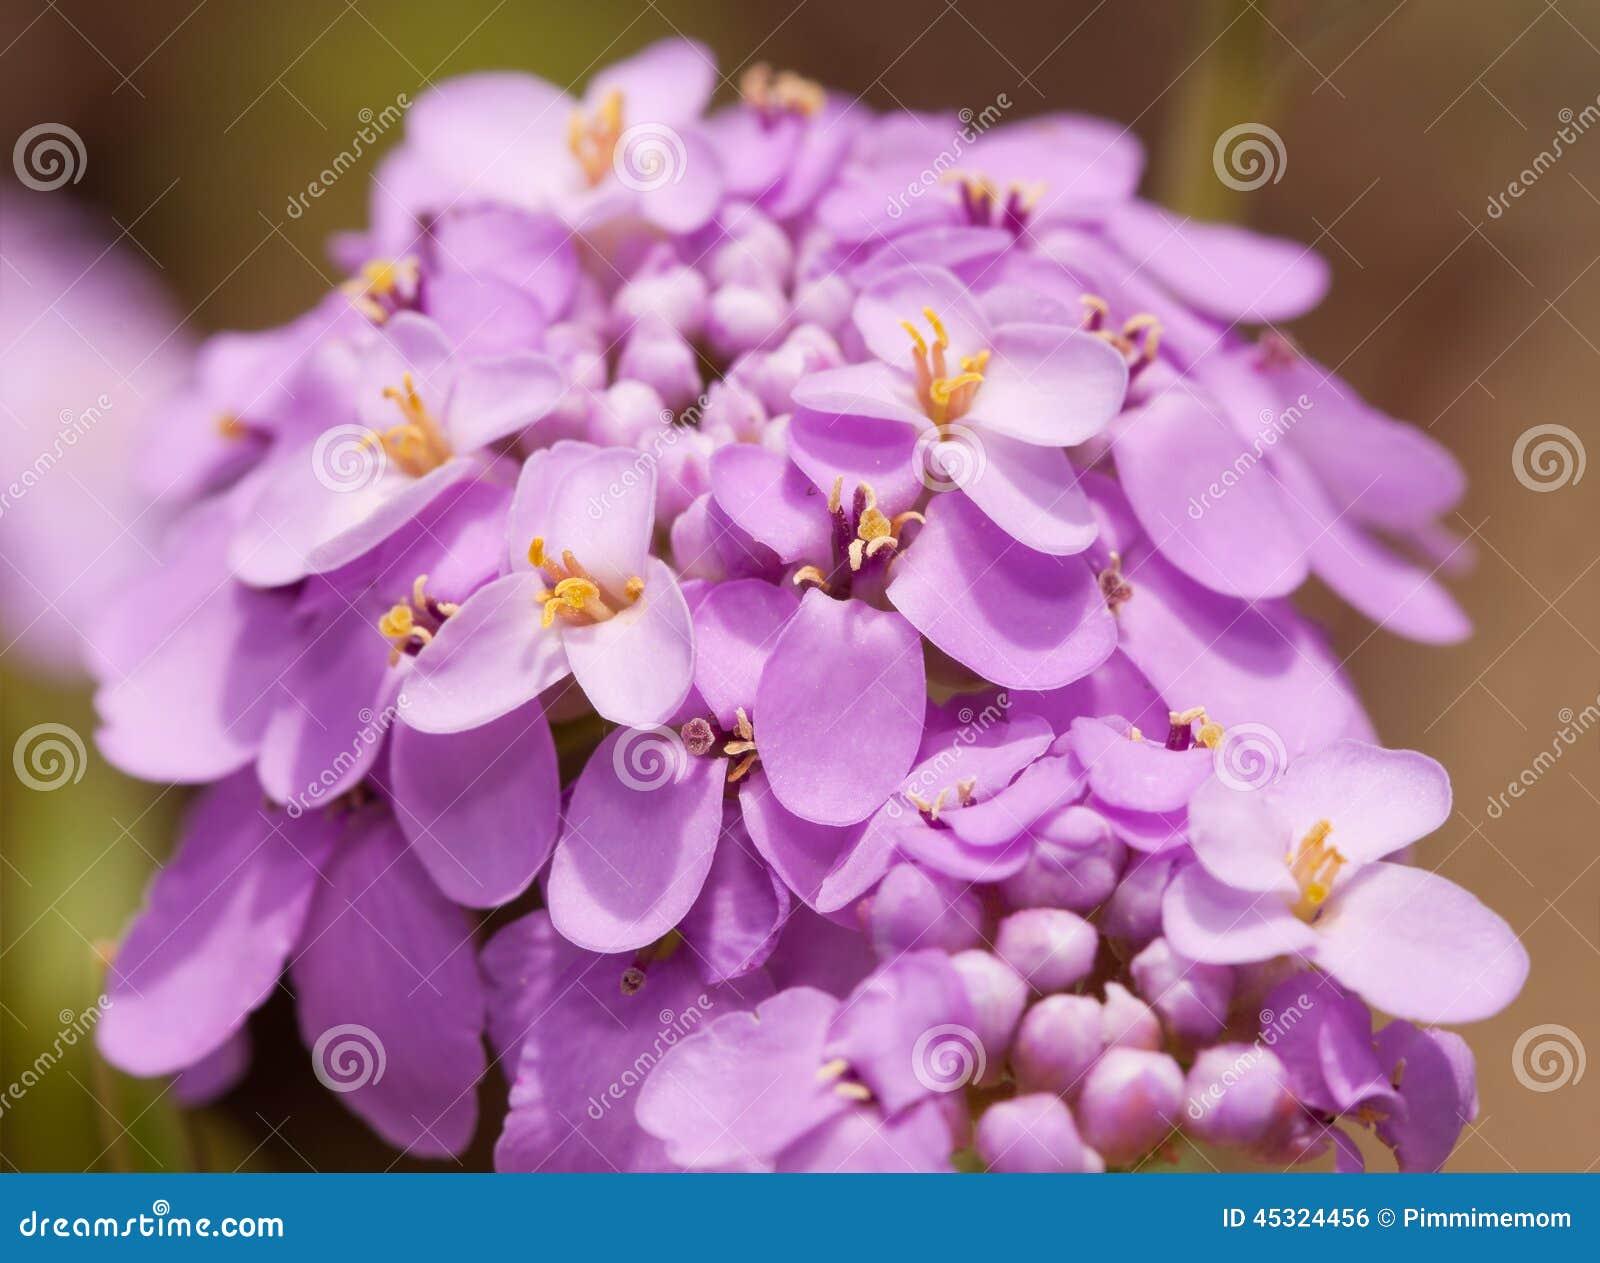 Fleur de candytuft dans la couleur mauve clair sensible photo stock image 45324456 for Mauve claire couleur